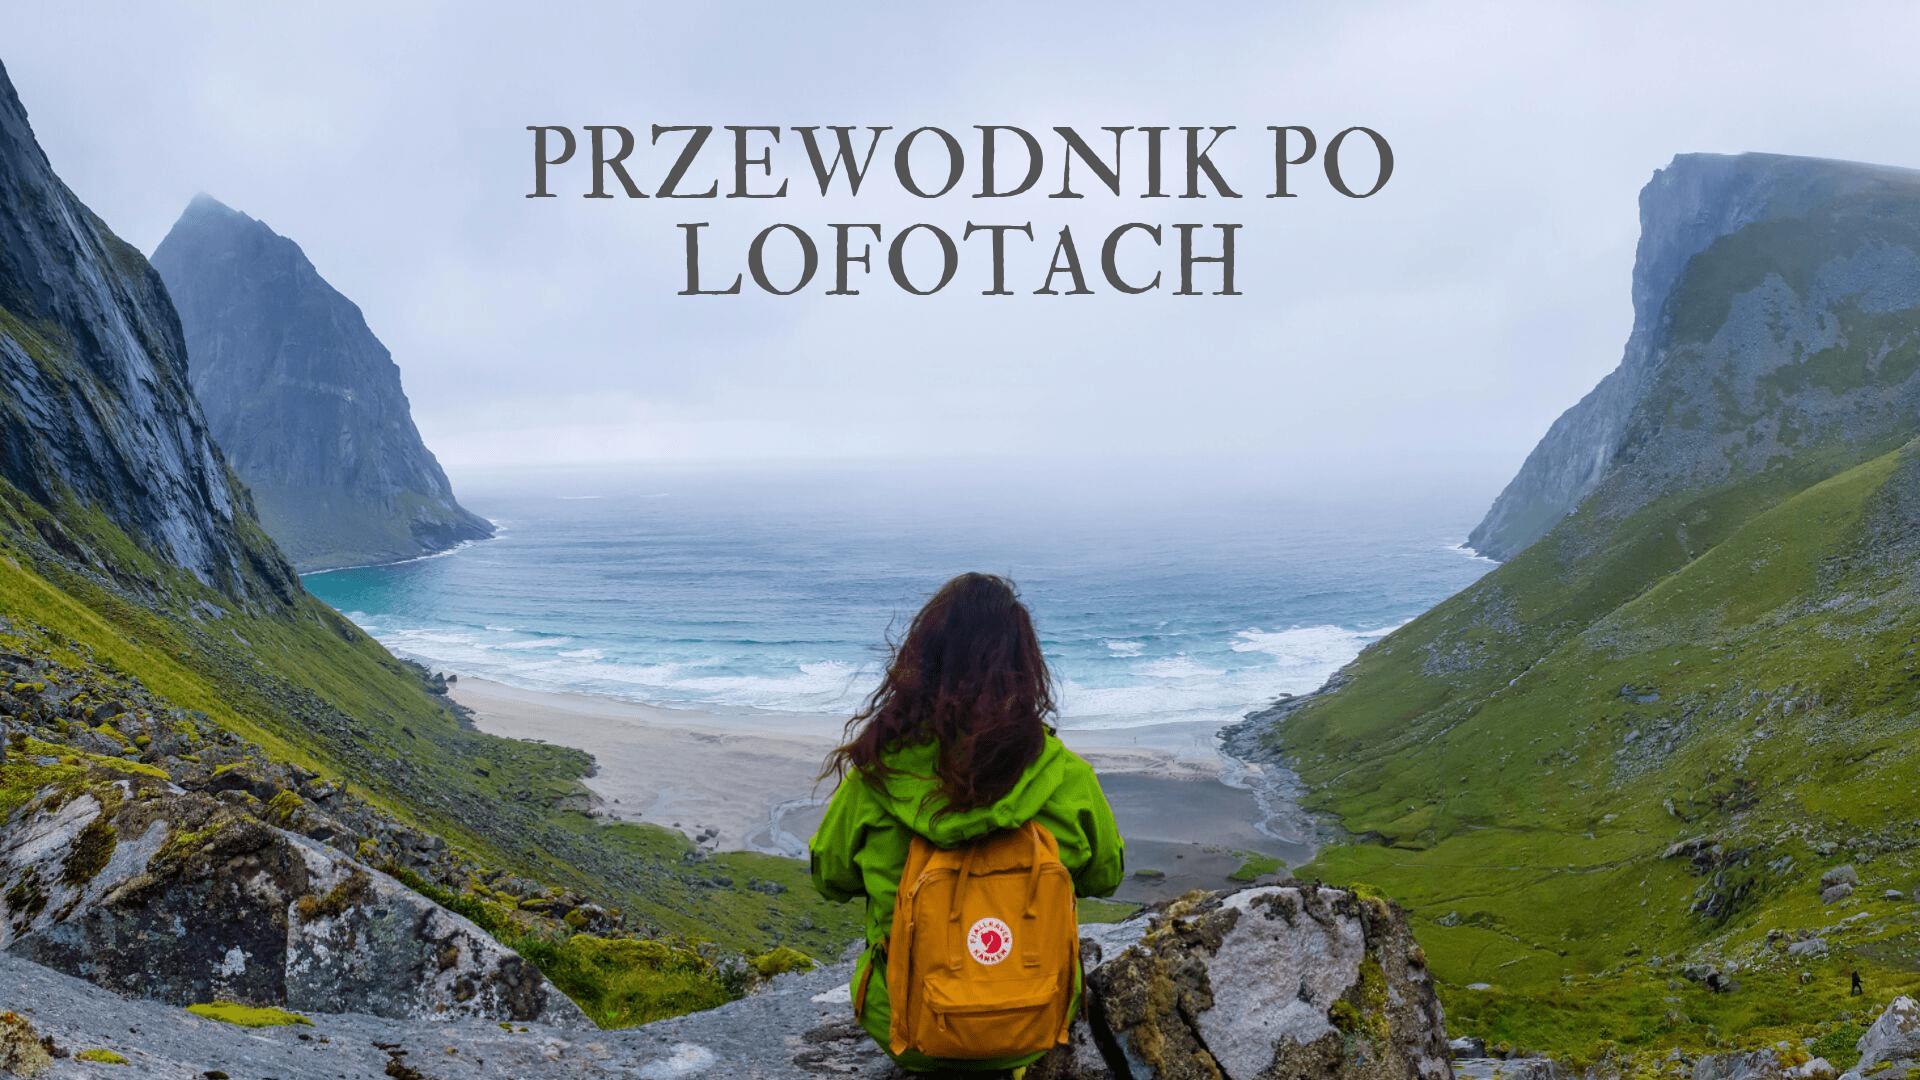 Pierwszy polski Przewodnik po LOFOTACH!